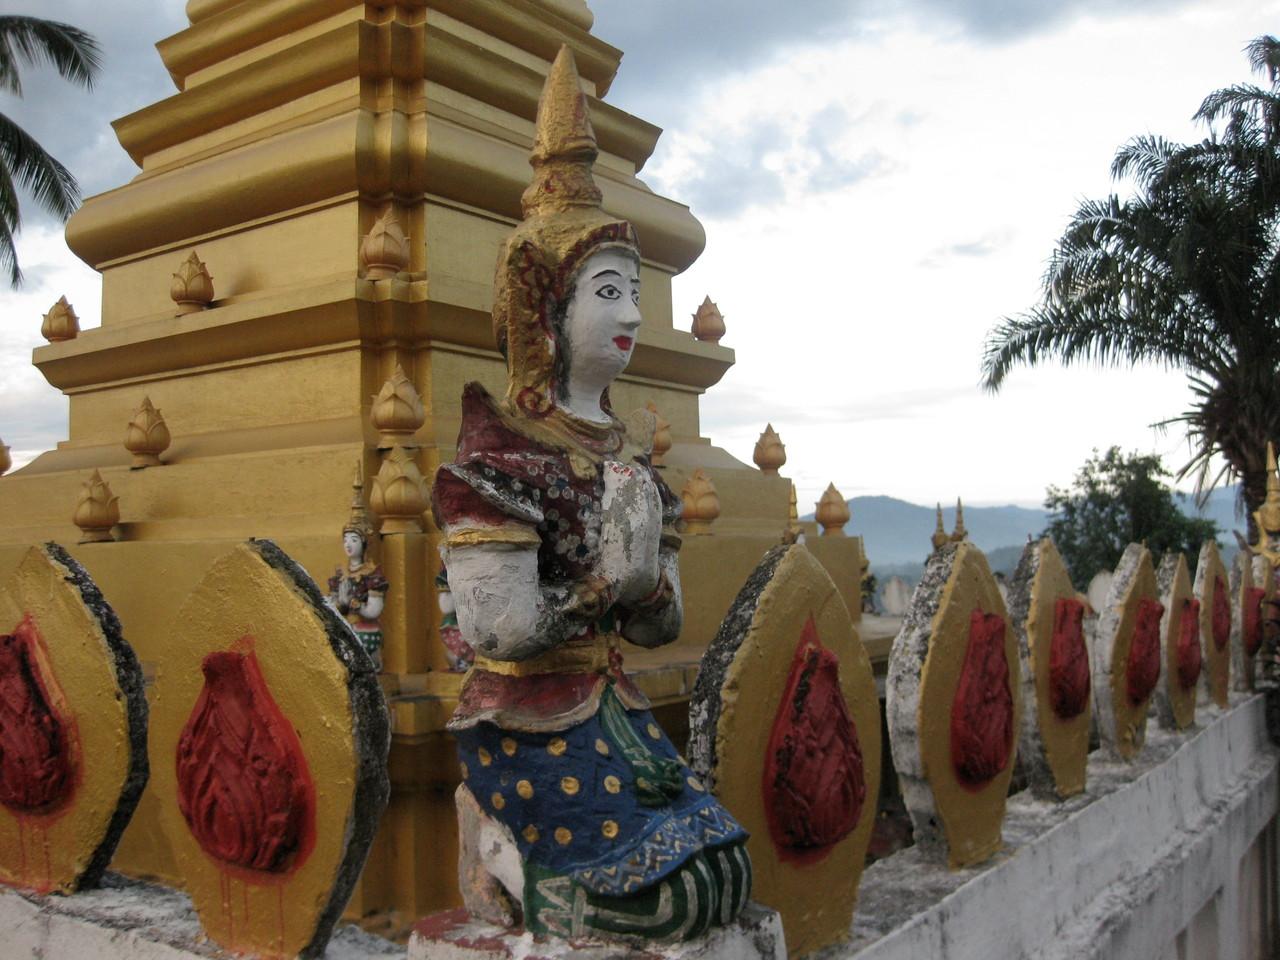 仏塔の守り神の民族衣装がかわいい。